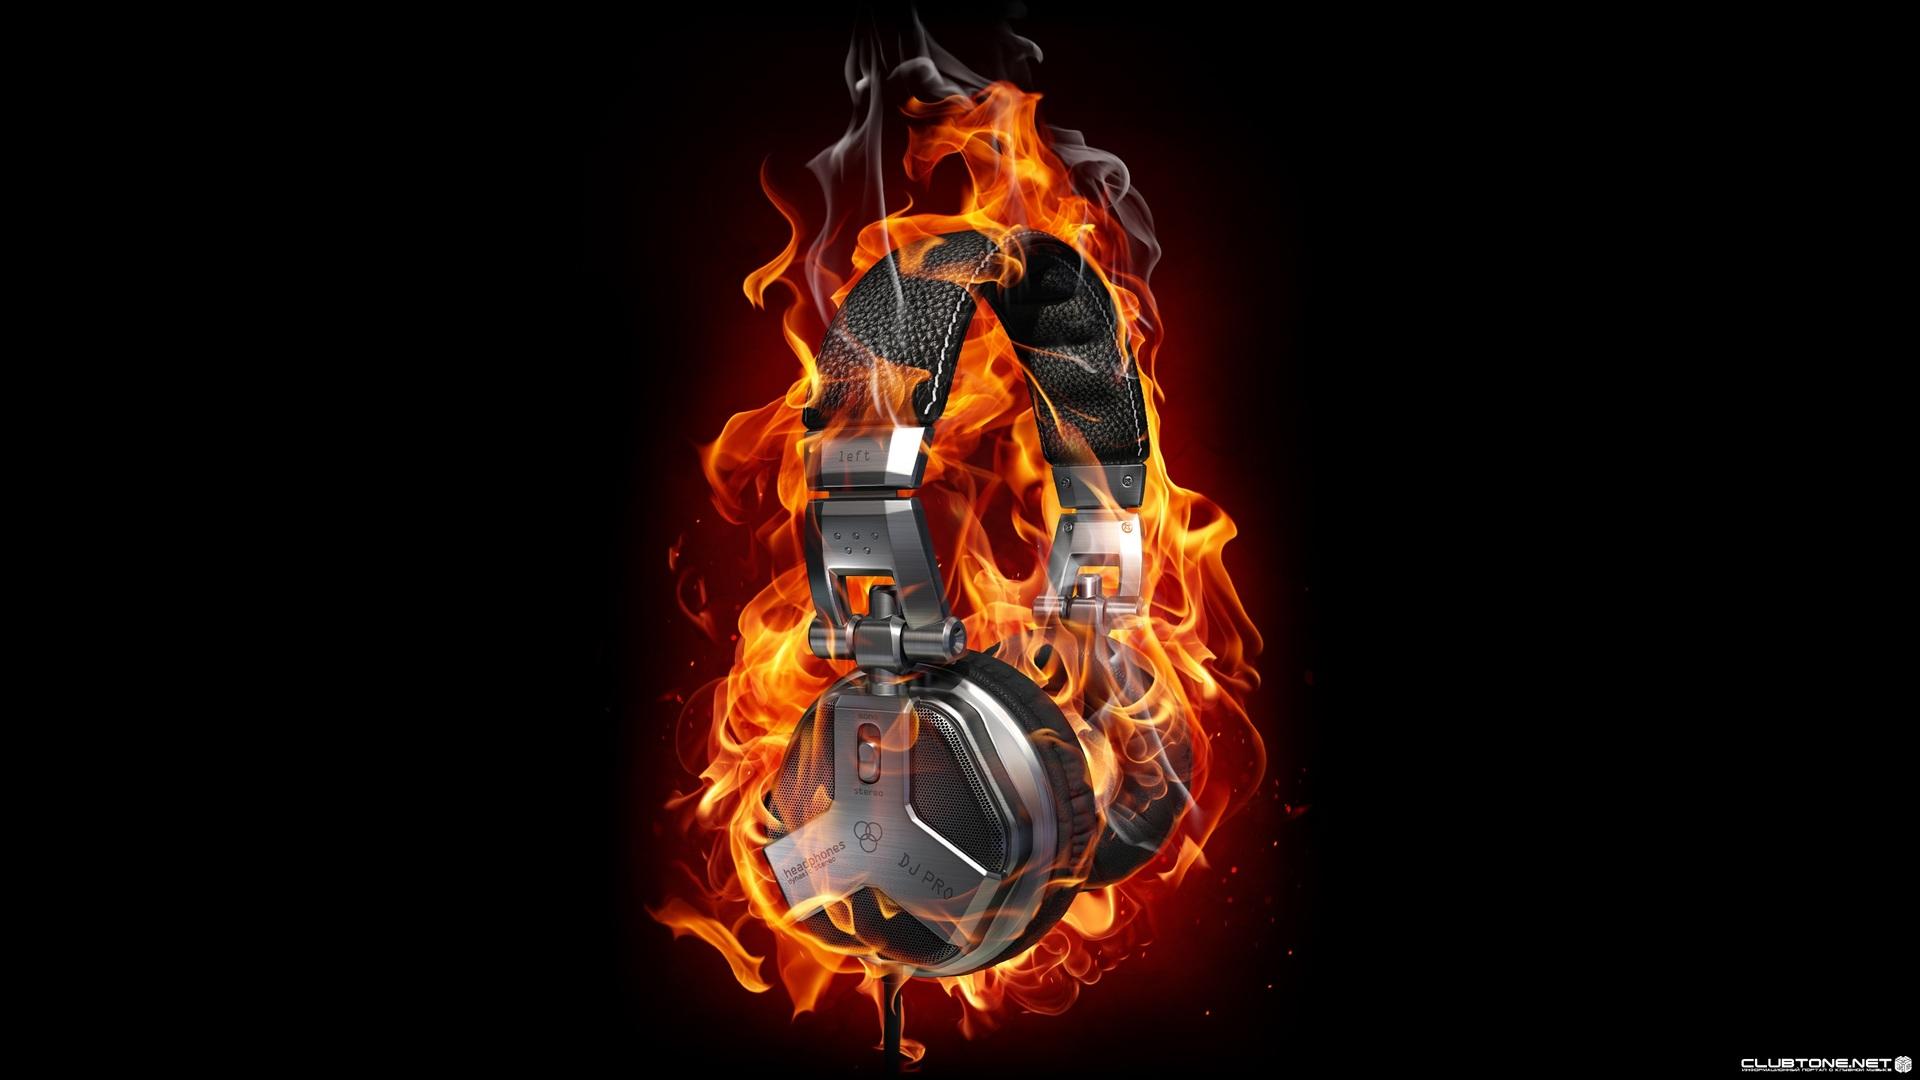 Гитара в огне без смс